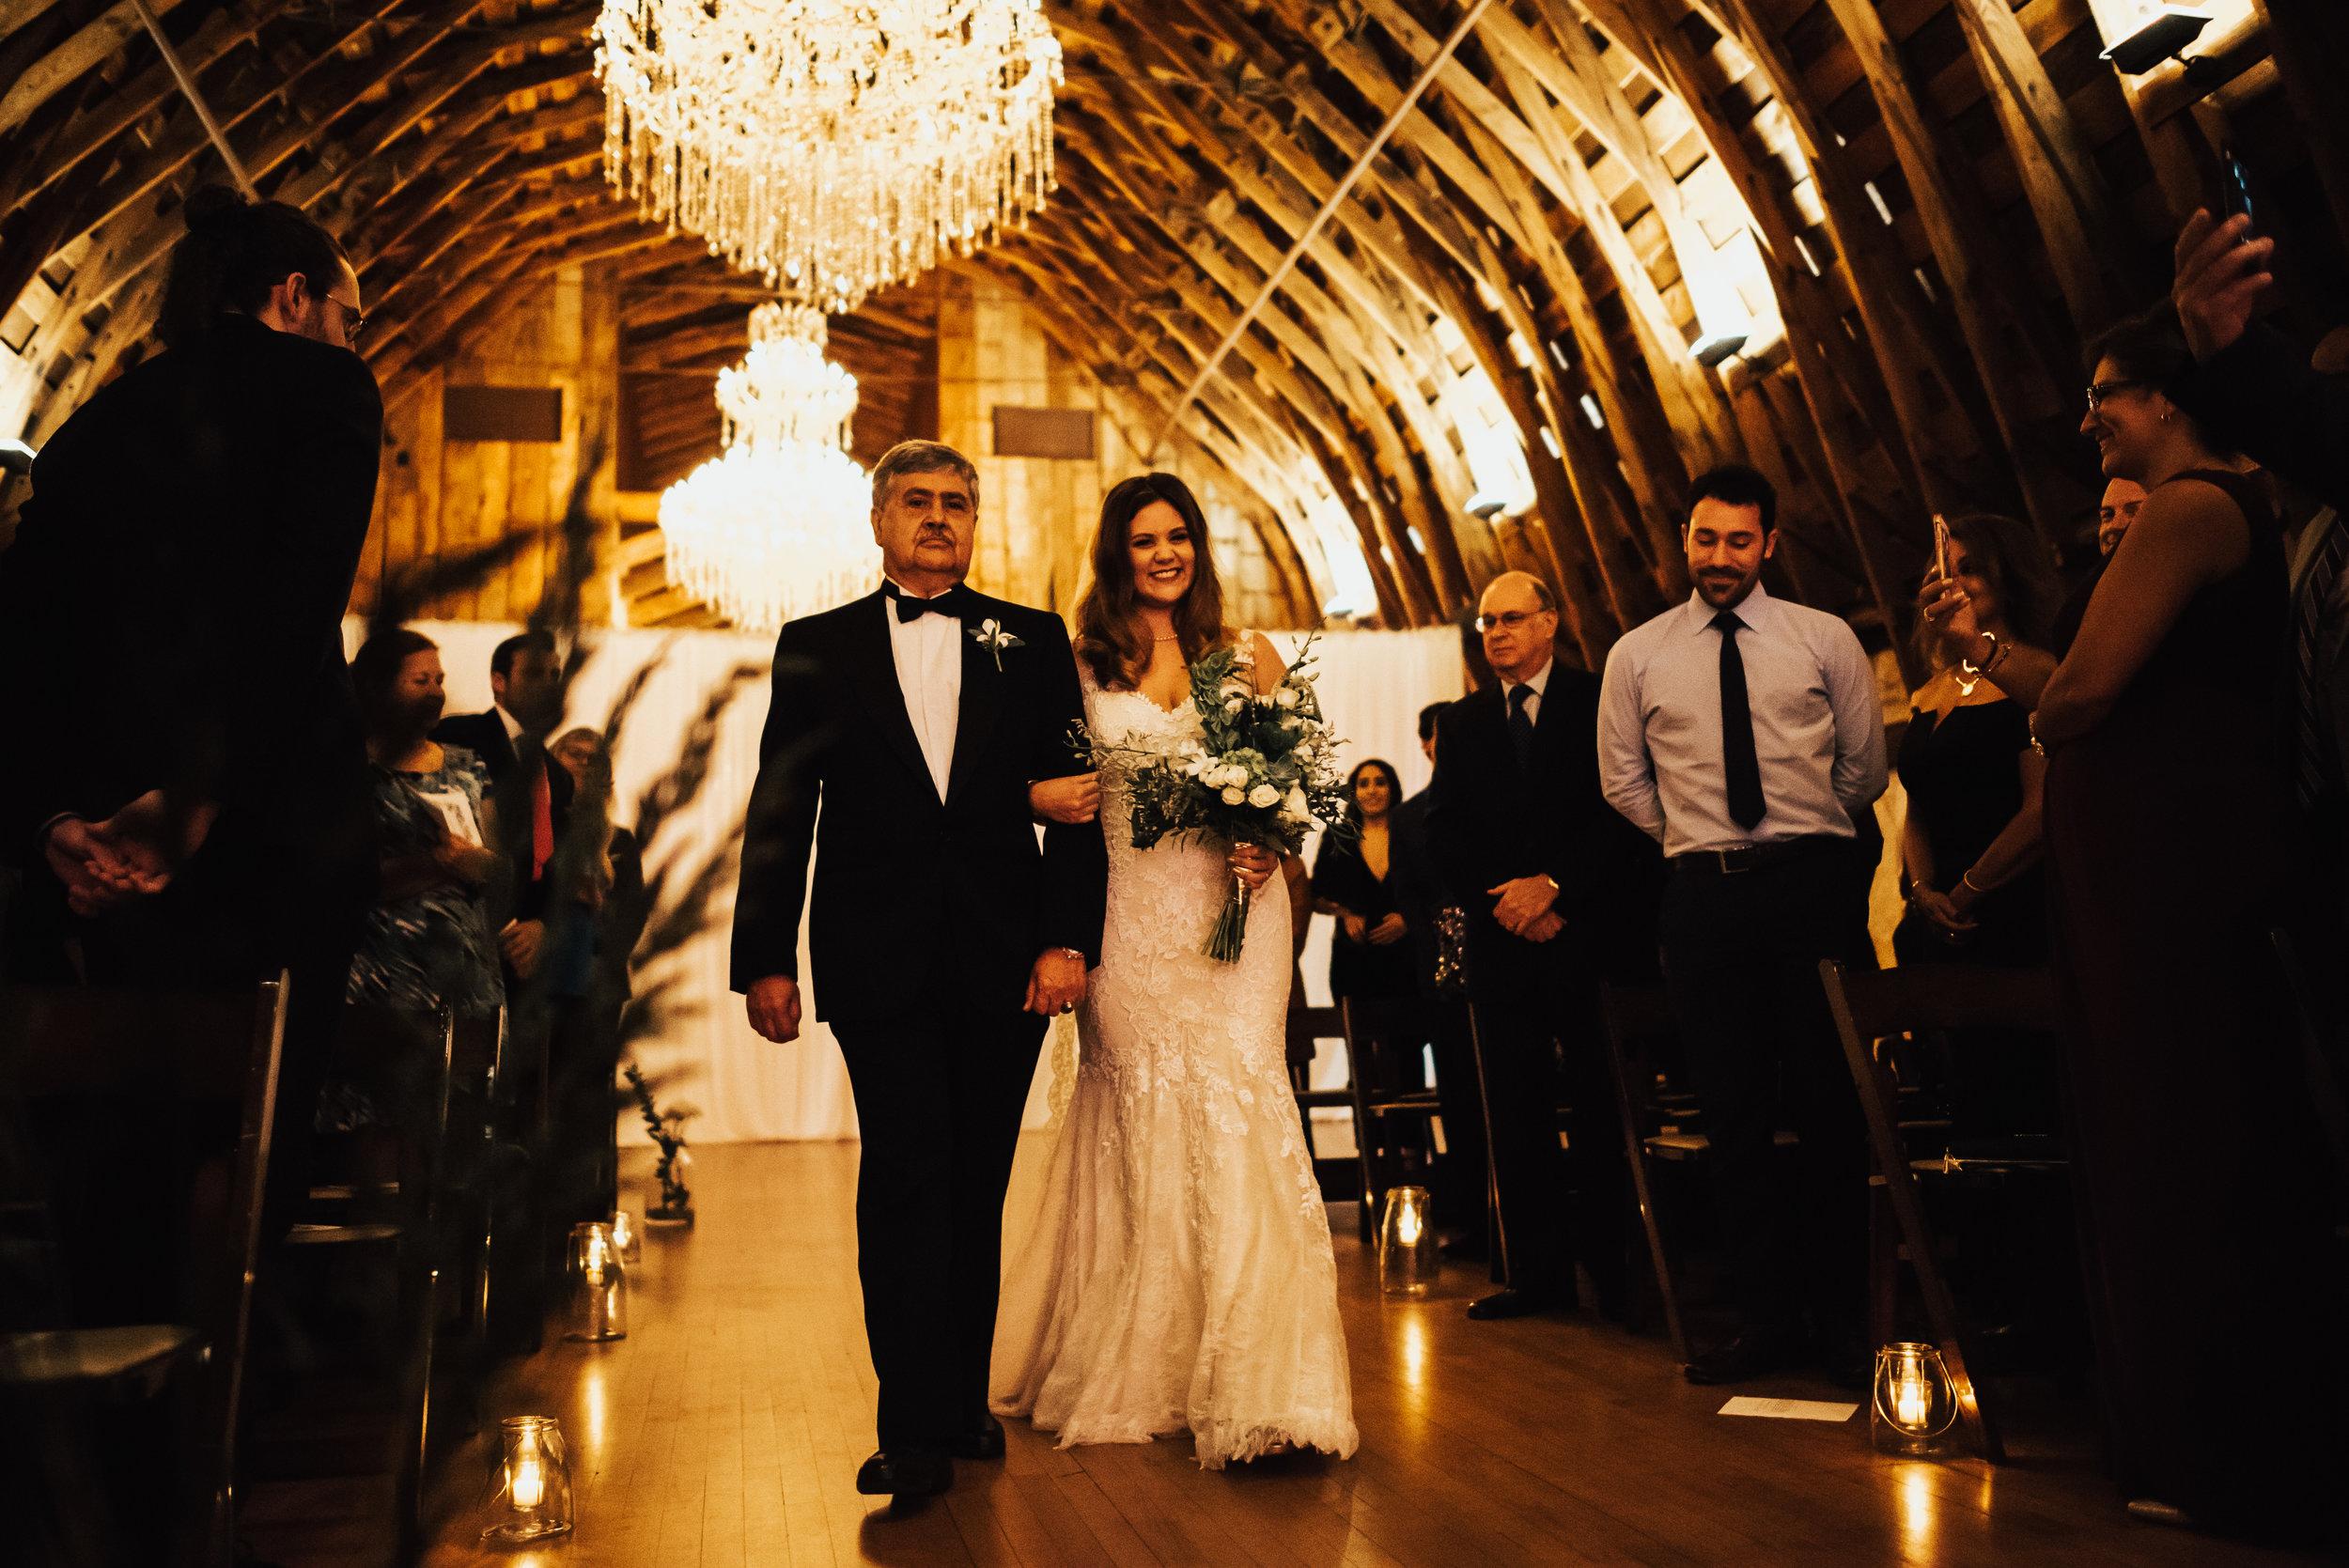 marivi-thomas-wedding205.jpg